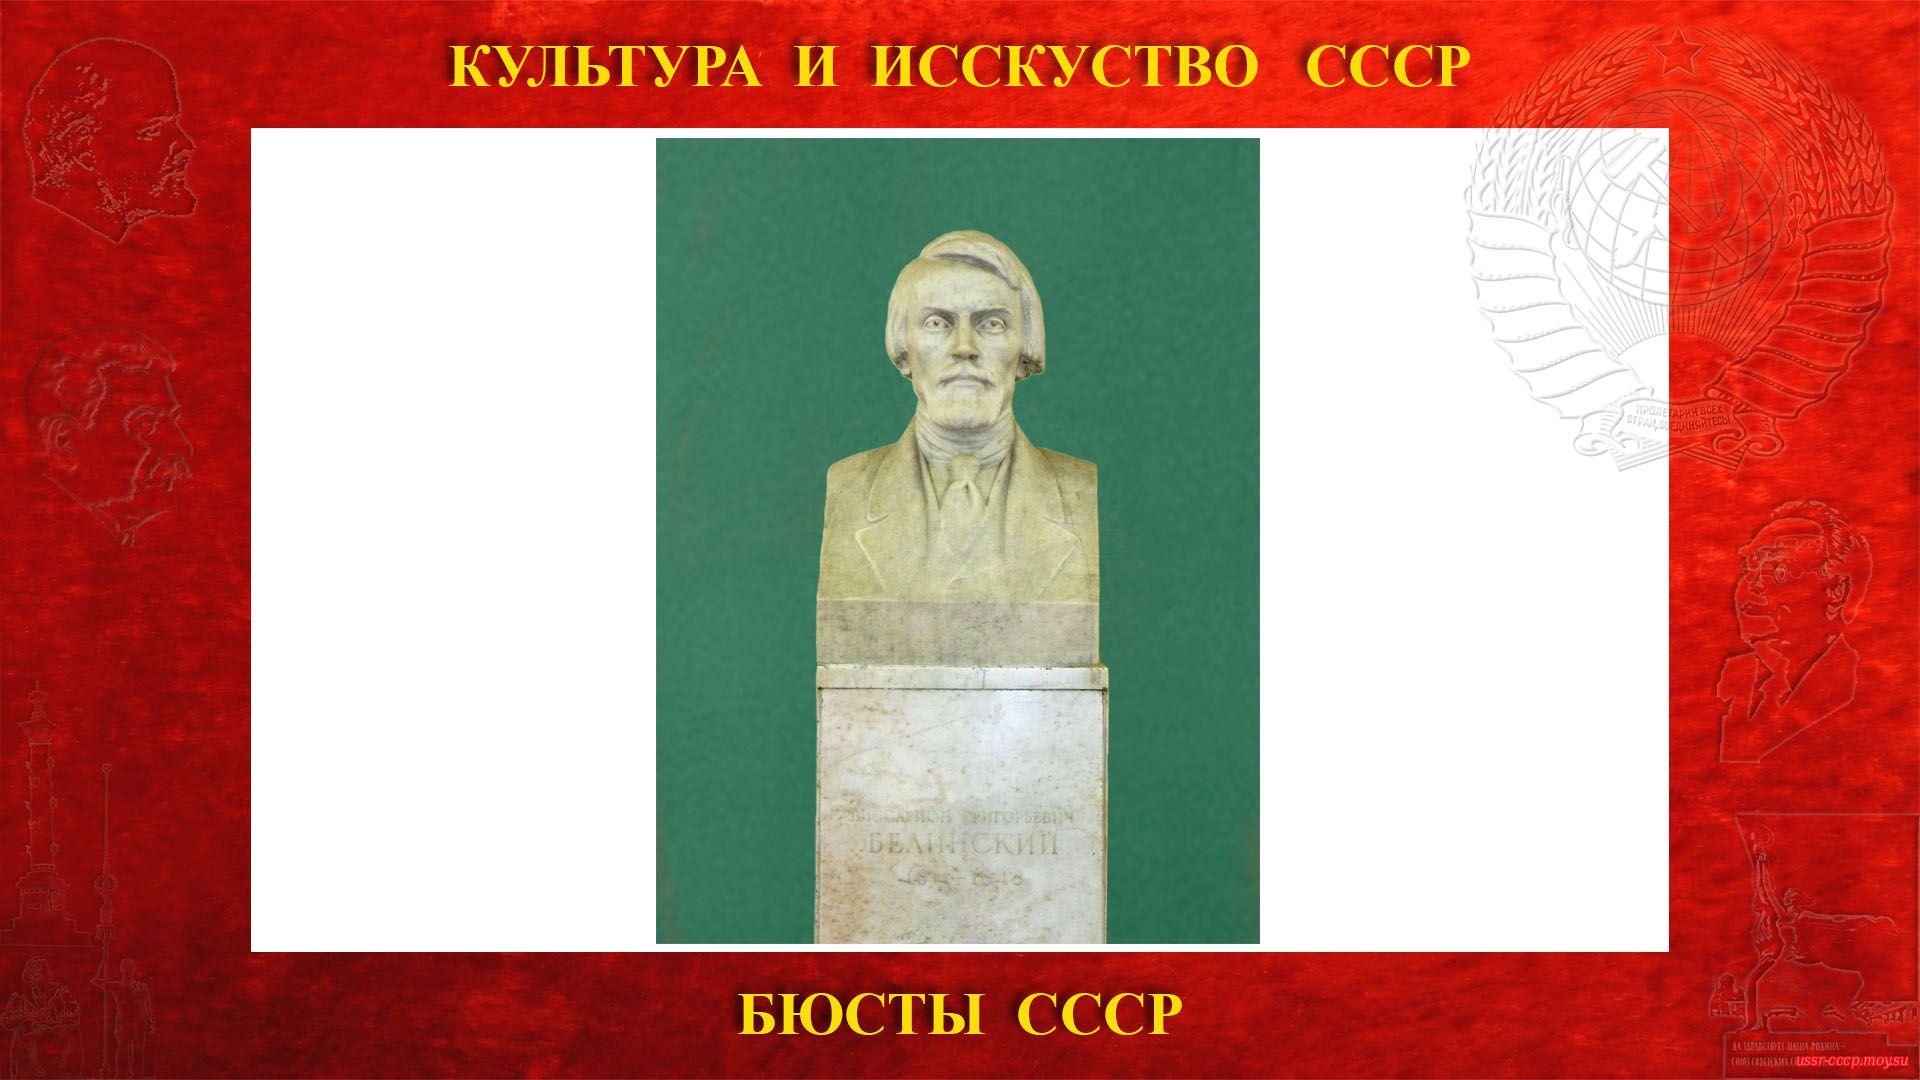 Бюст Белинскому В.Г. на Ленинских горах в ГЗ МГУ(Москва 1954) (повествование)